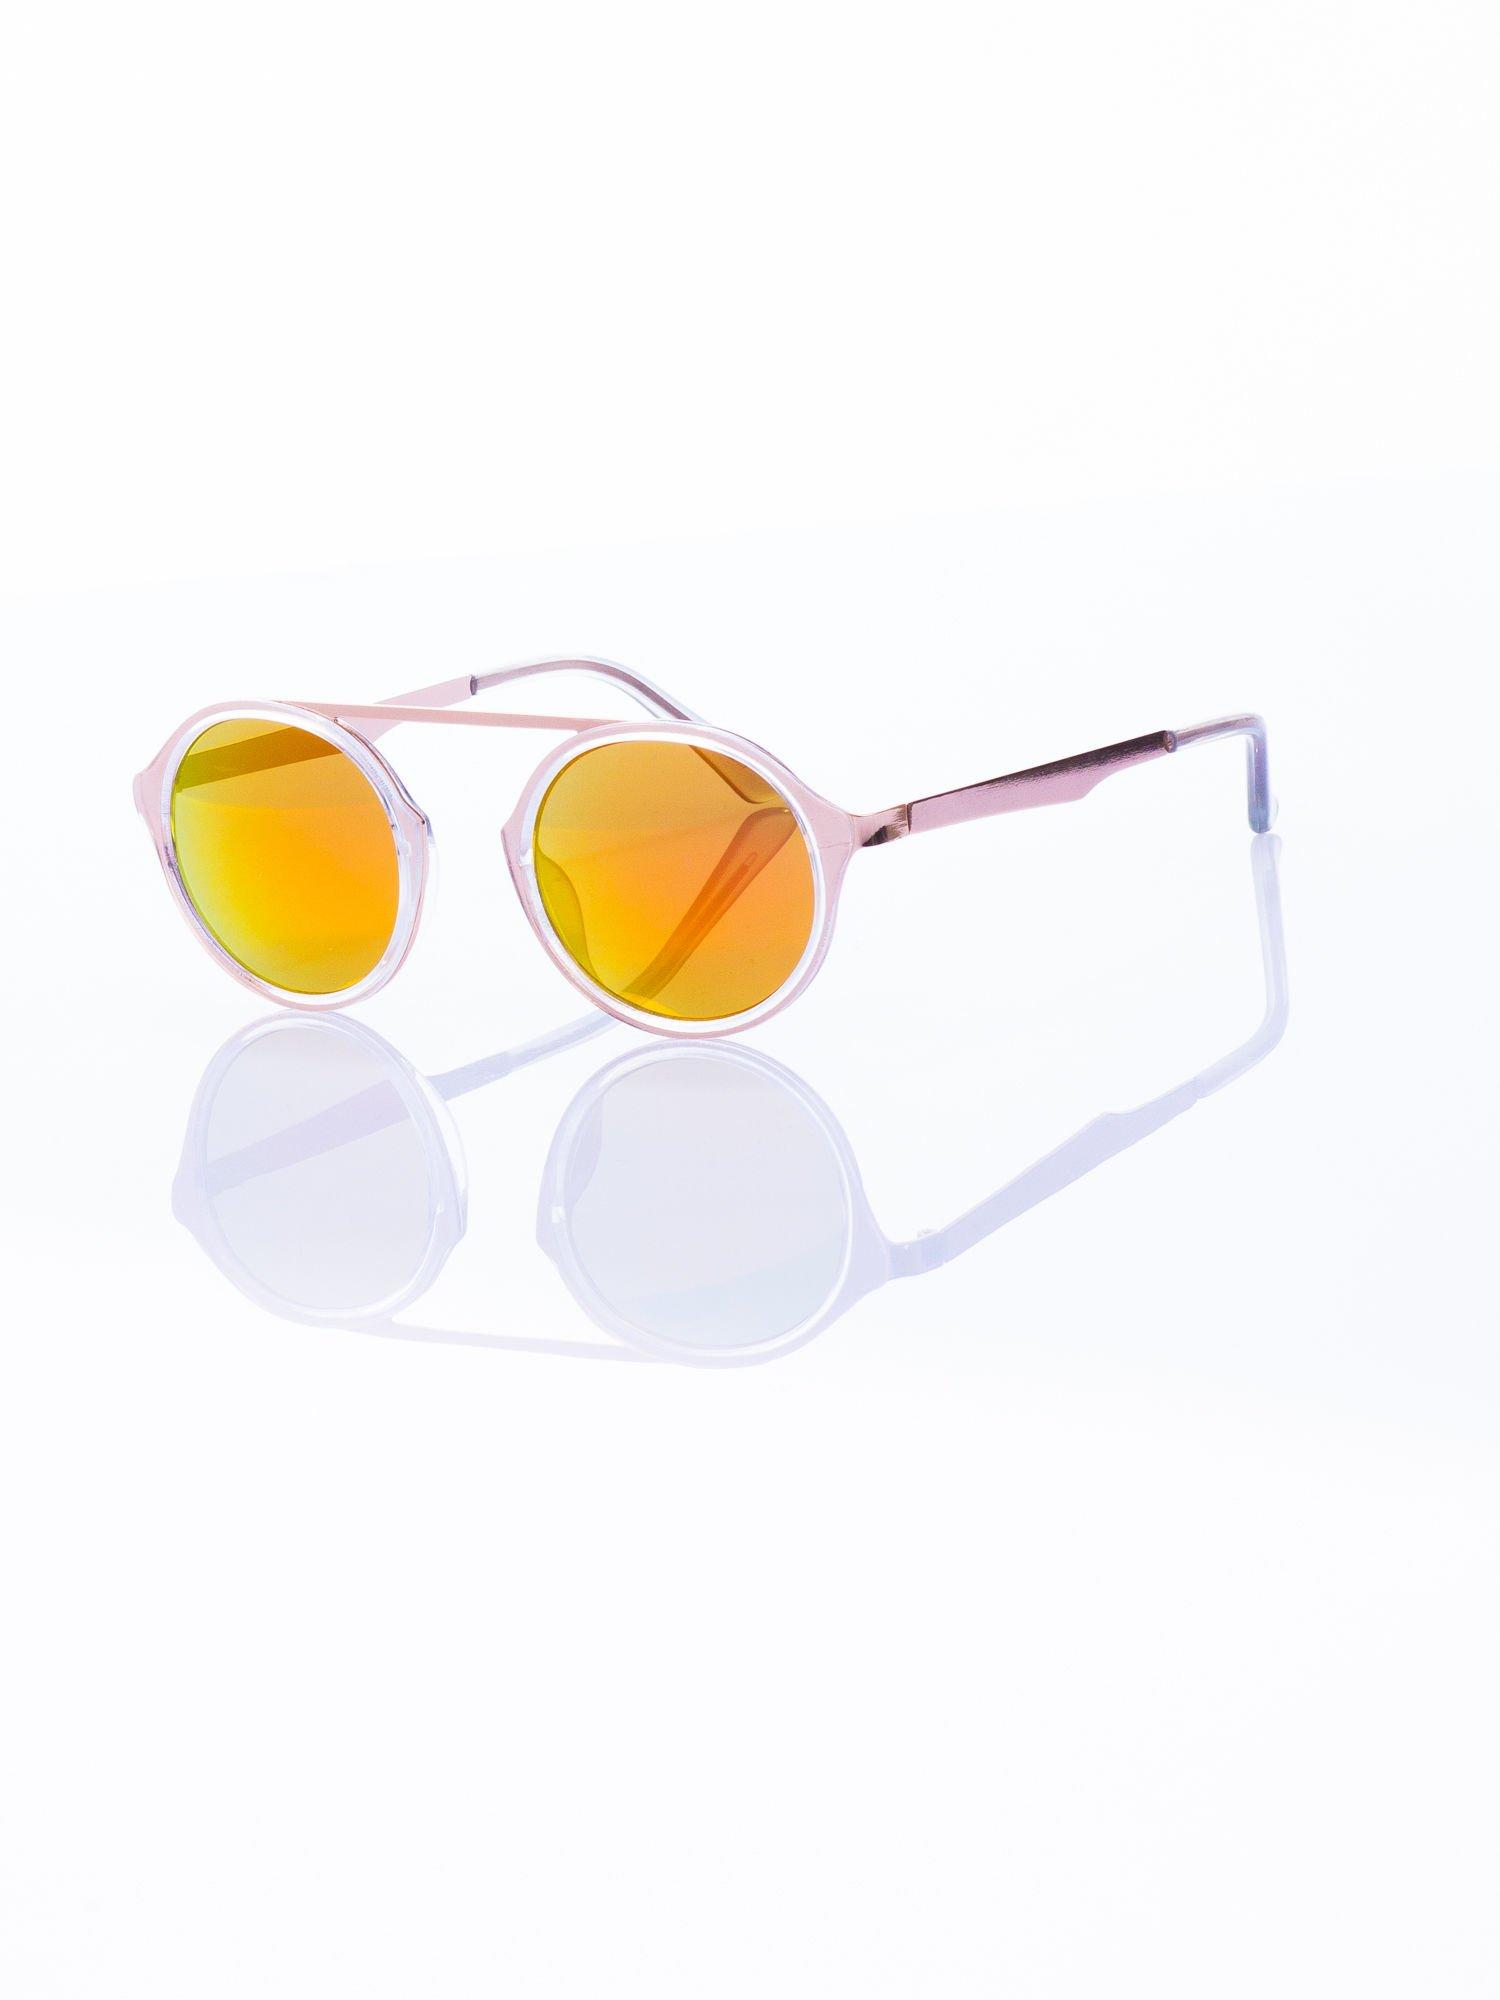 Złote okulary przeciwsłoneczne w stylu vintage retro                                  zdj.                                  2